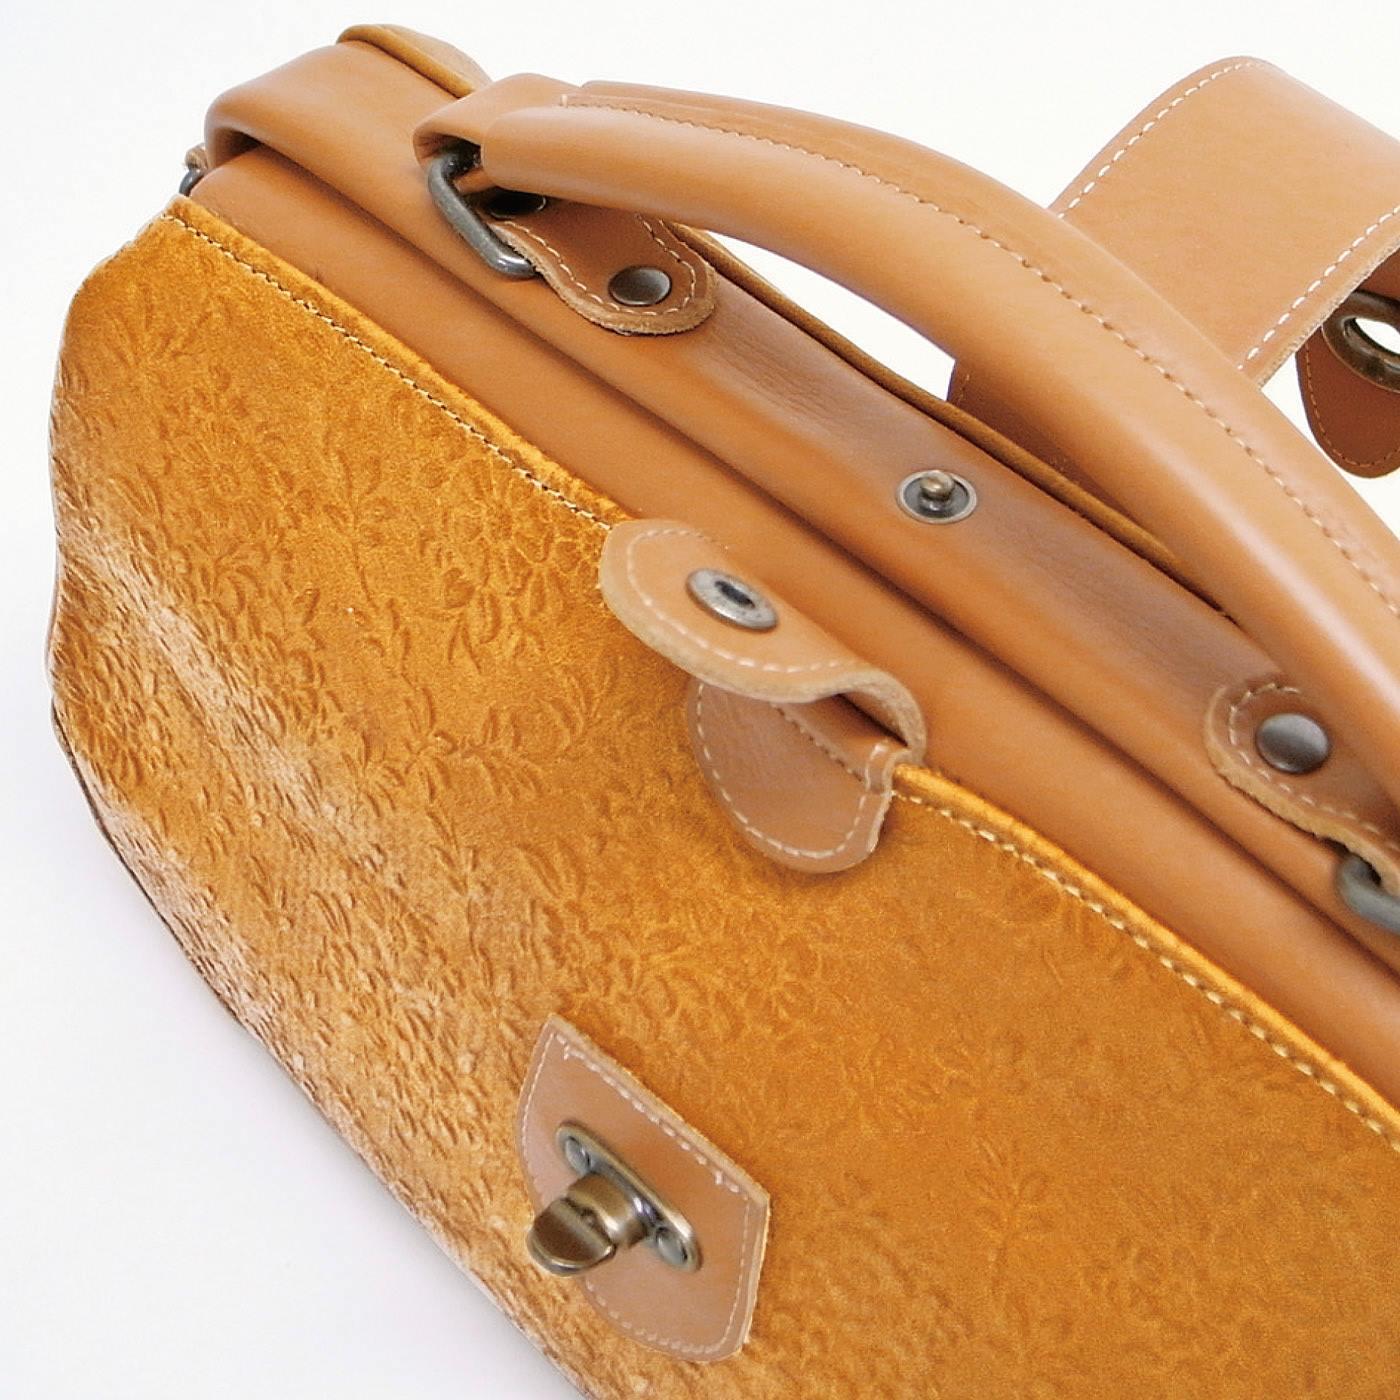 ヒネリ式金具のベルトに加え、開け口にホックをプラスしてより安心に。